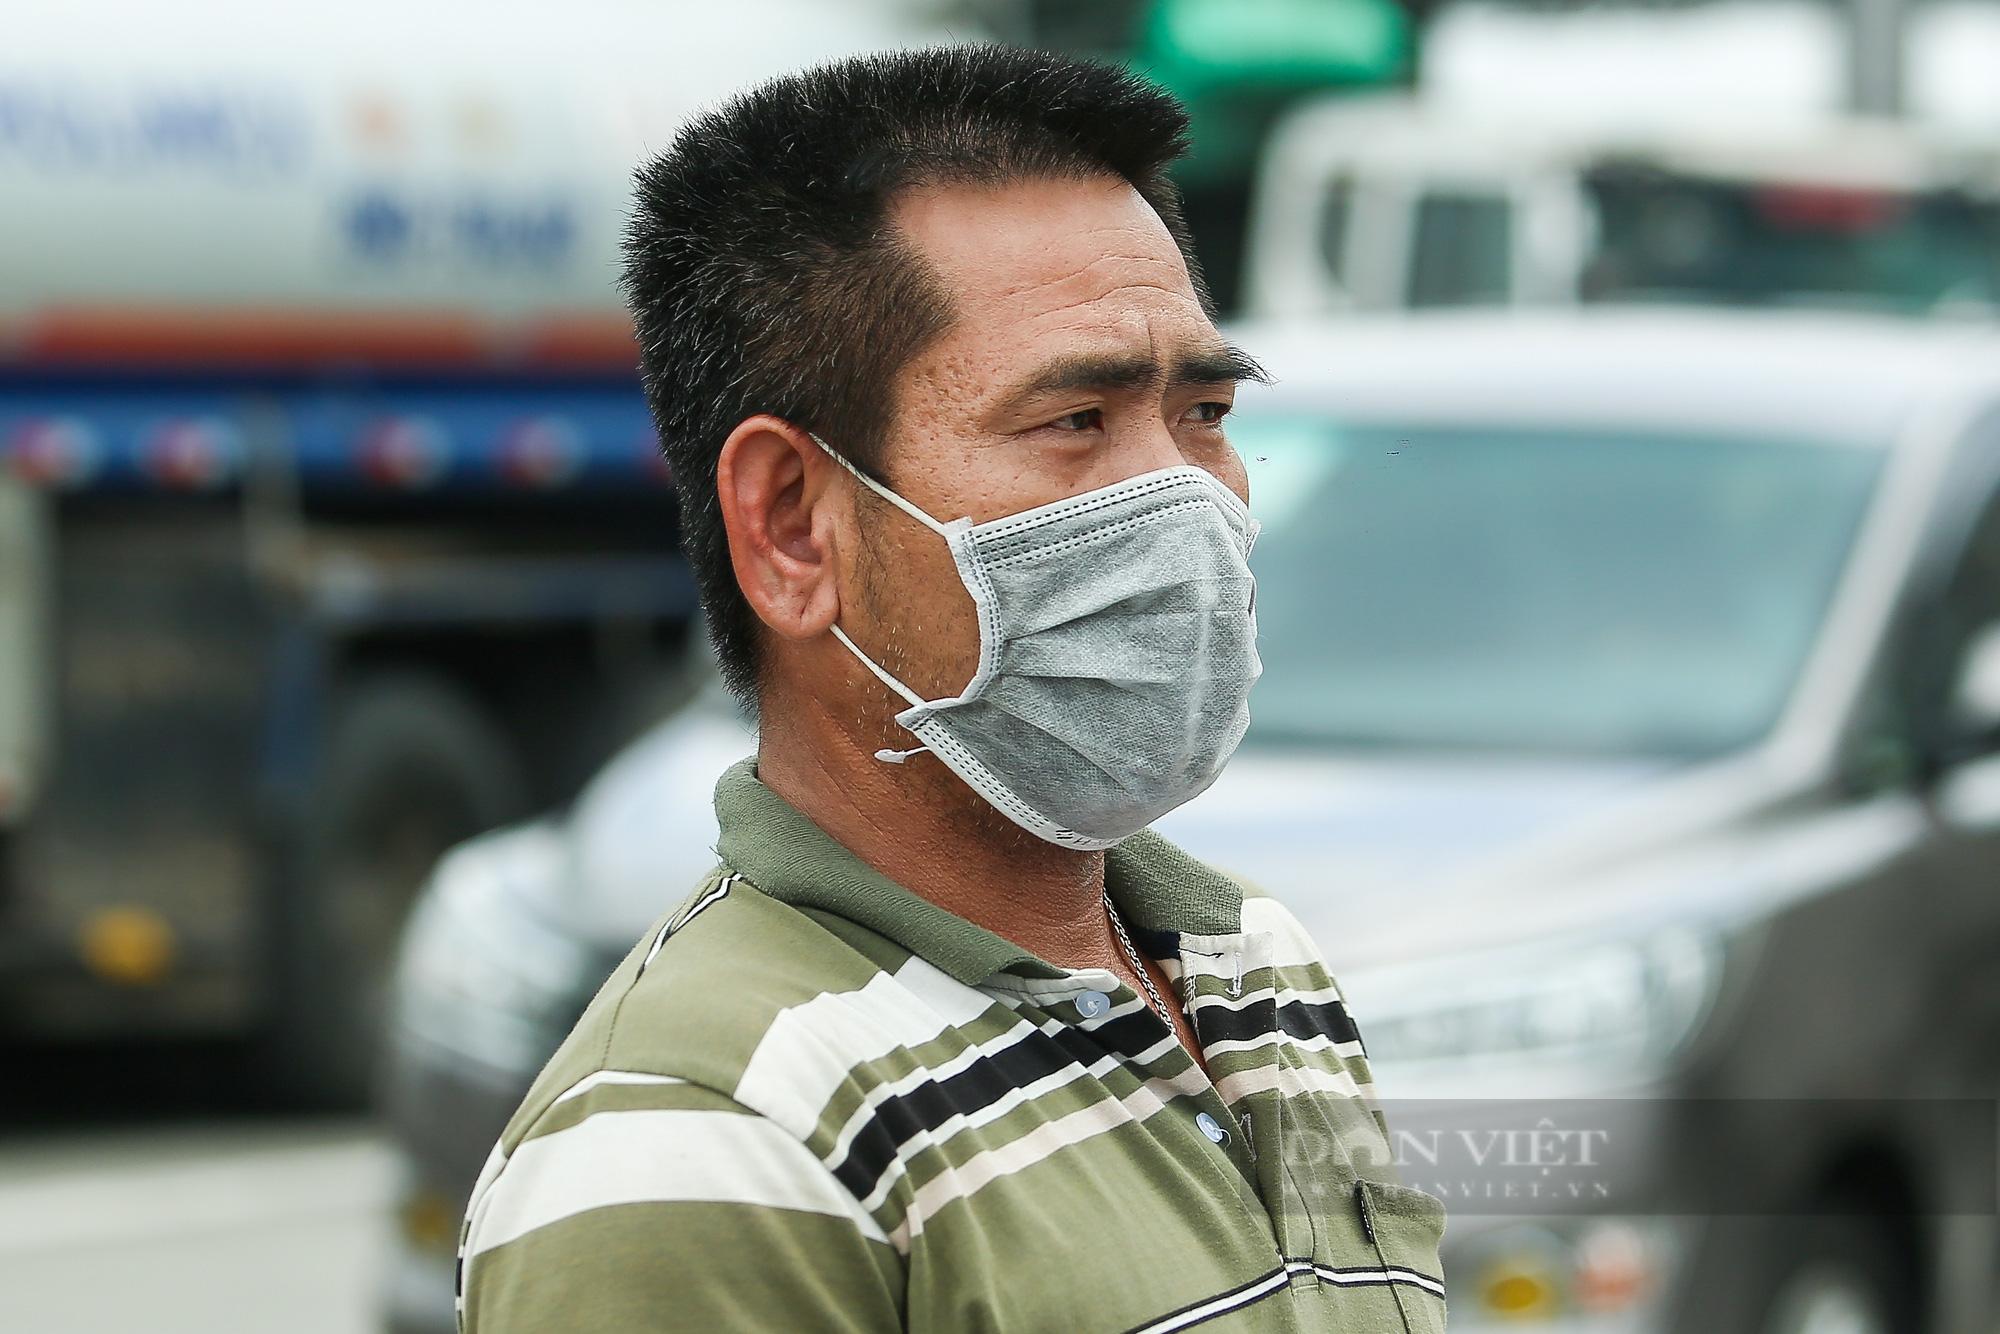 Tài xế đi hơn 1000km từ Vĩnh Long ra Hà Nội bị yêu cầu quay xe - Ảnh 6.